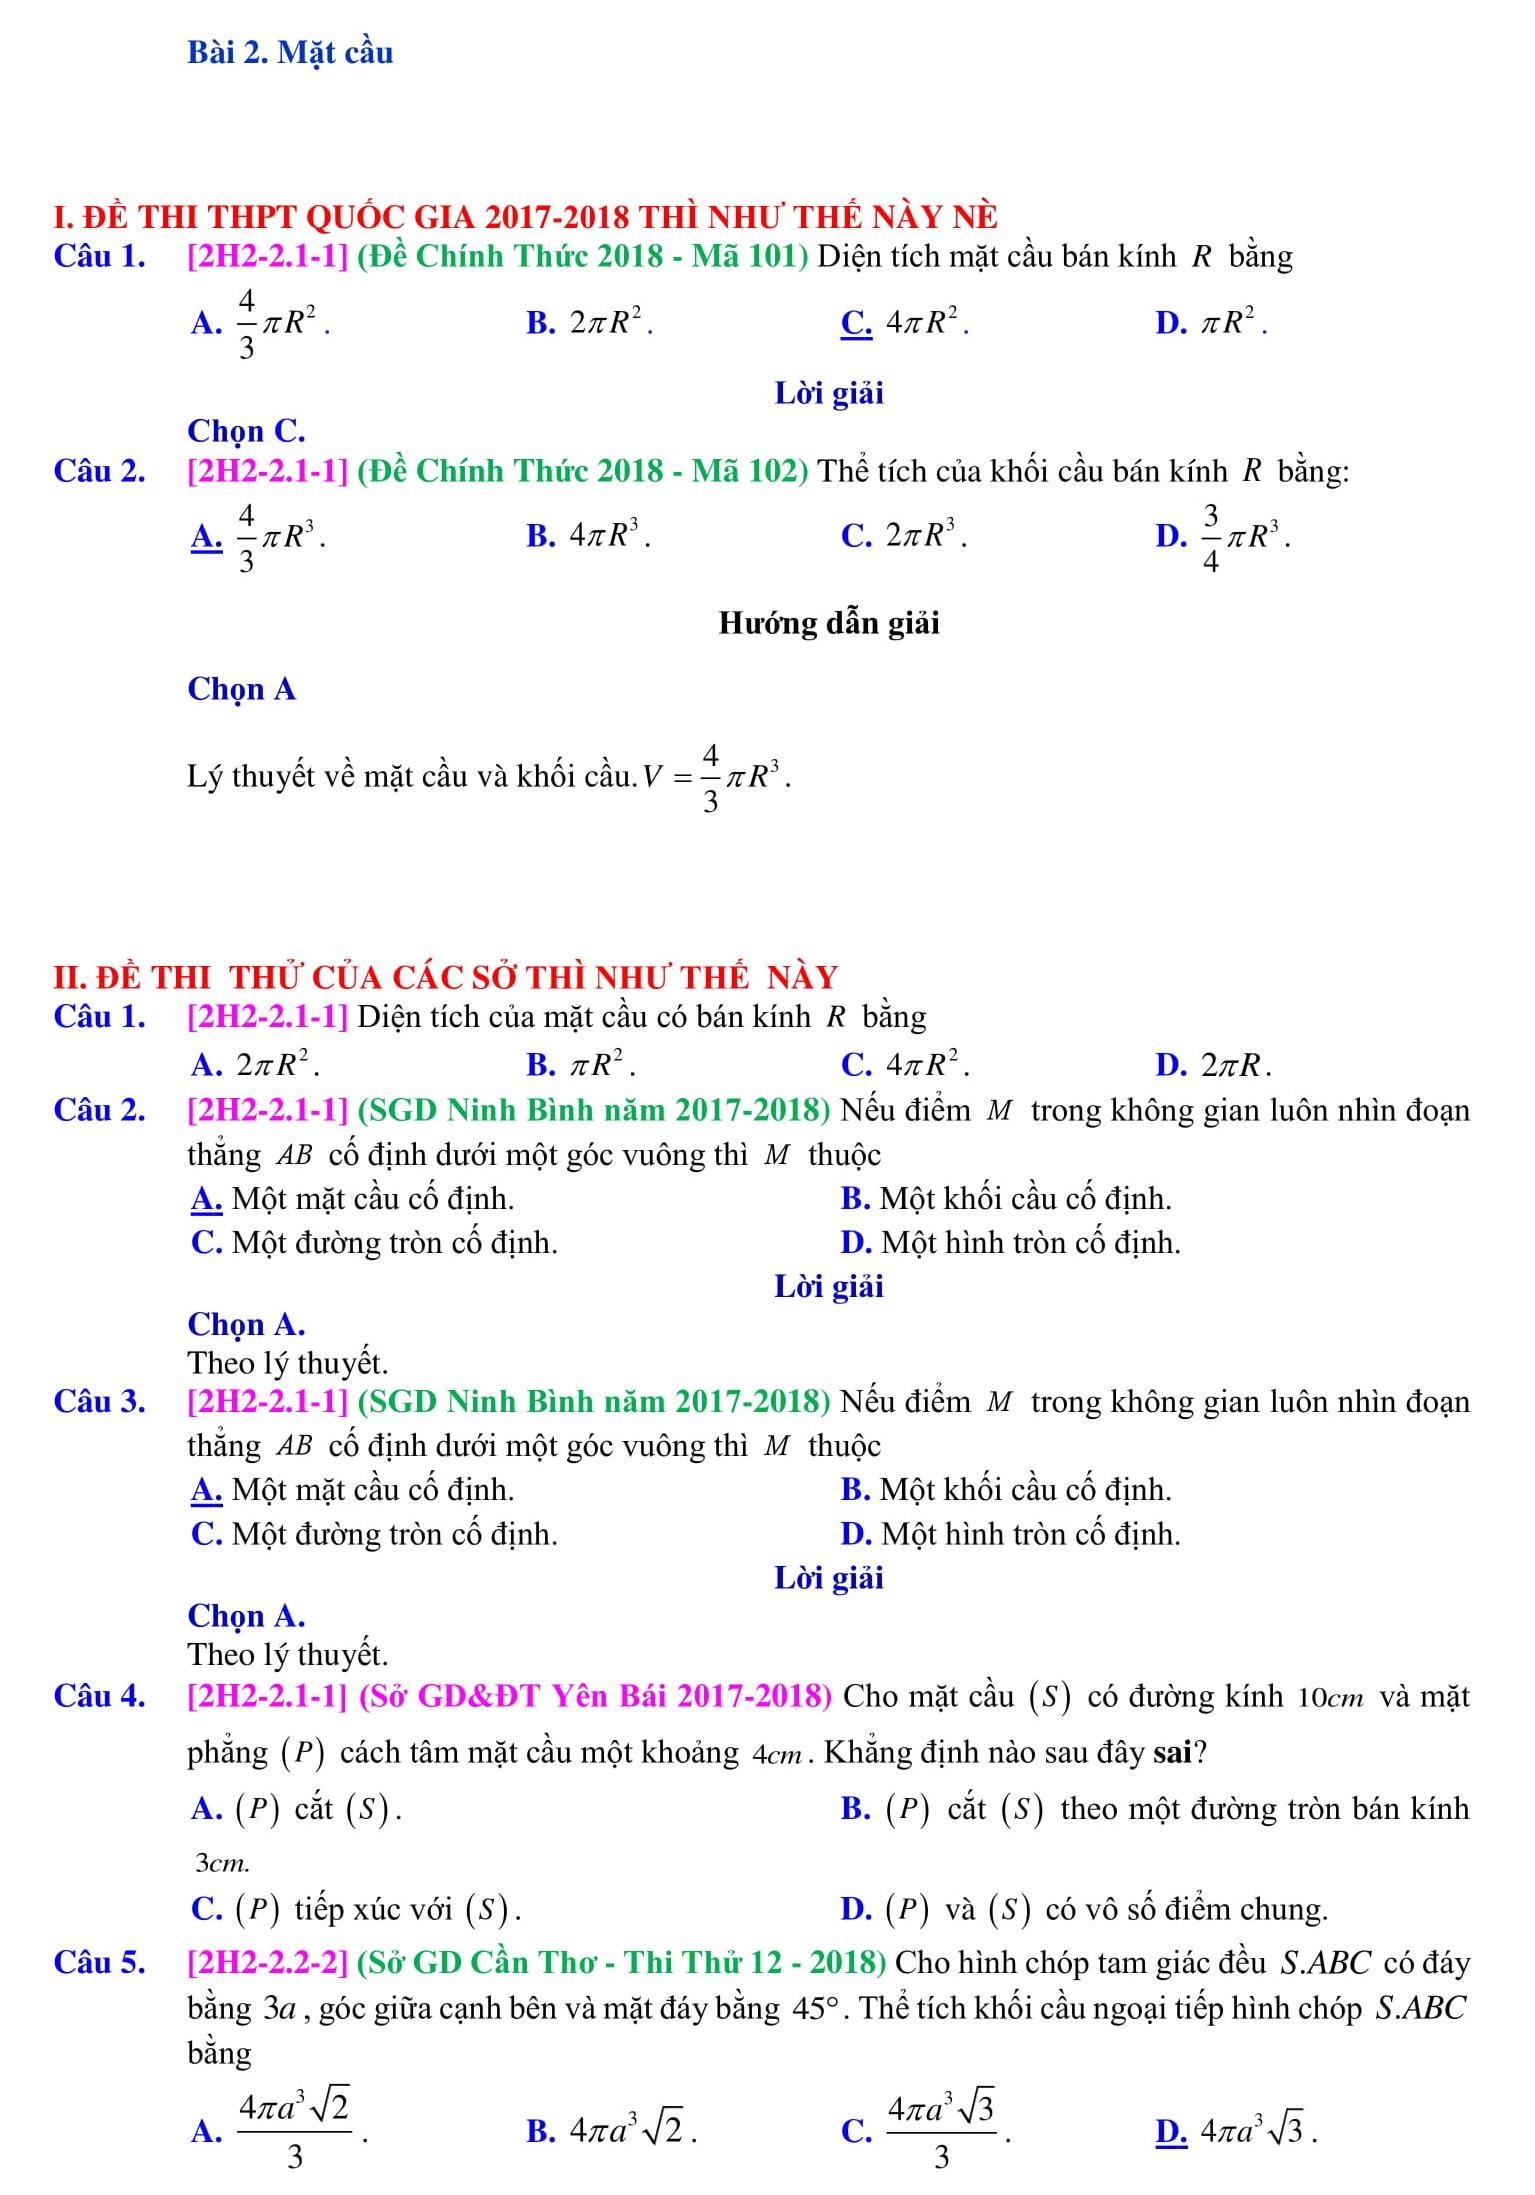 Chuyên đề Mặt cầu và những bài tập - Toán 12